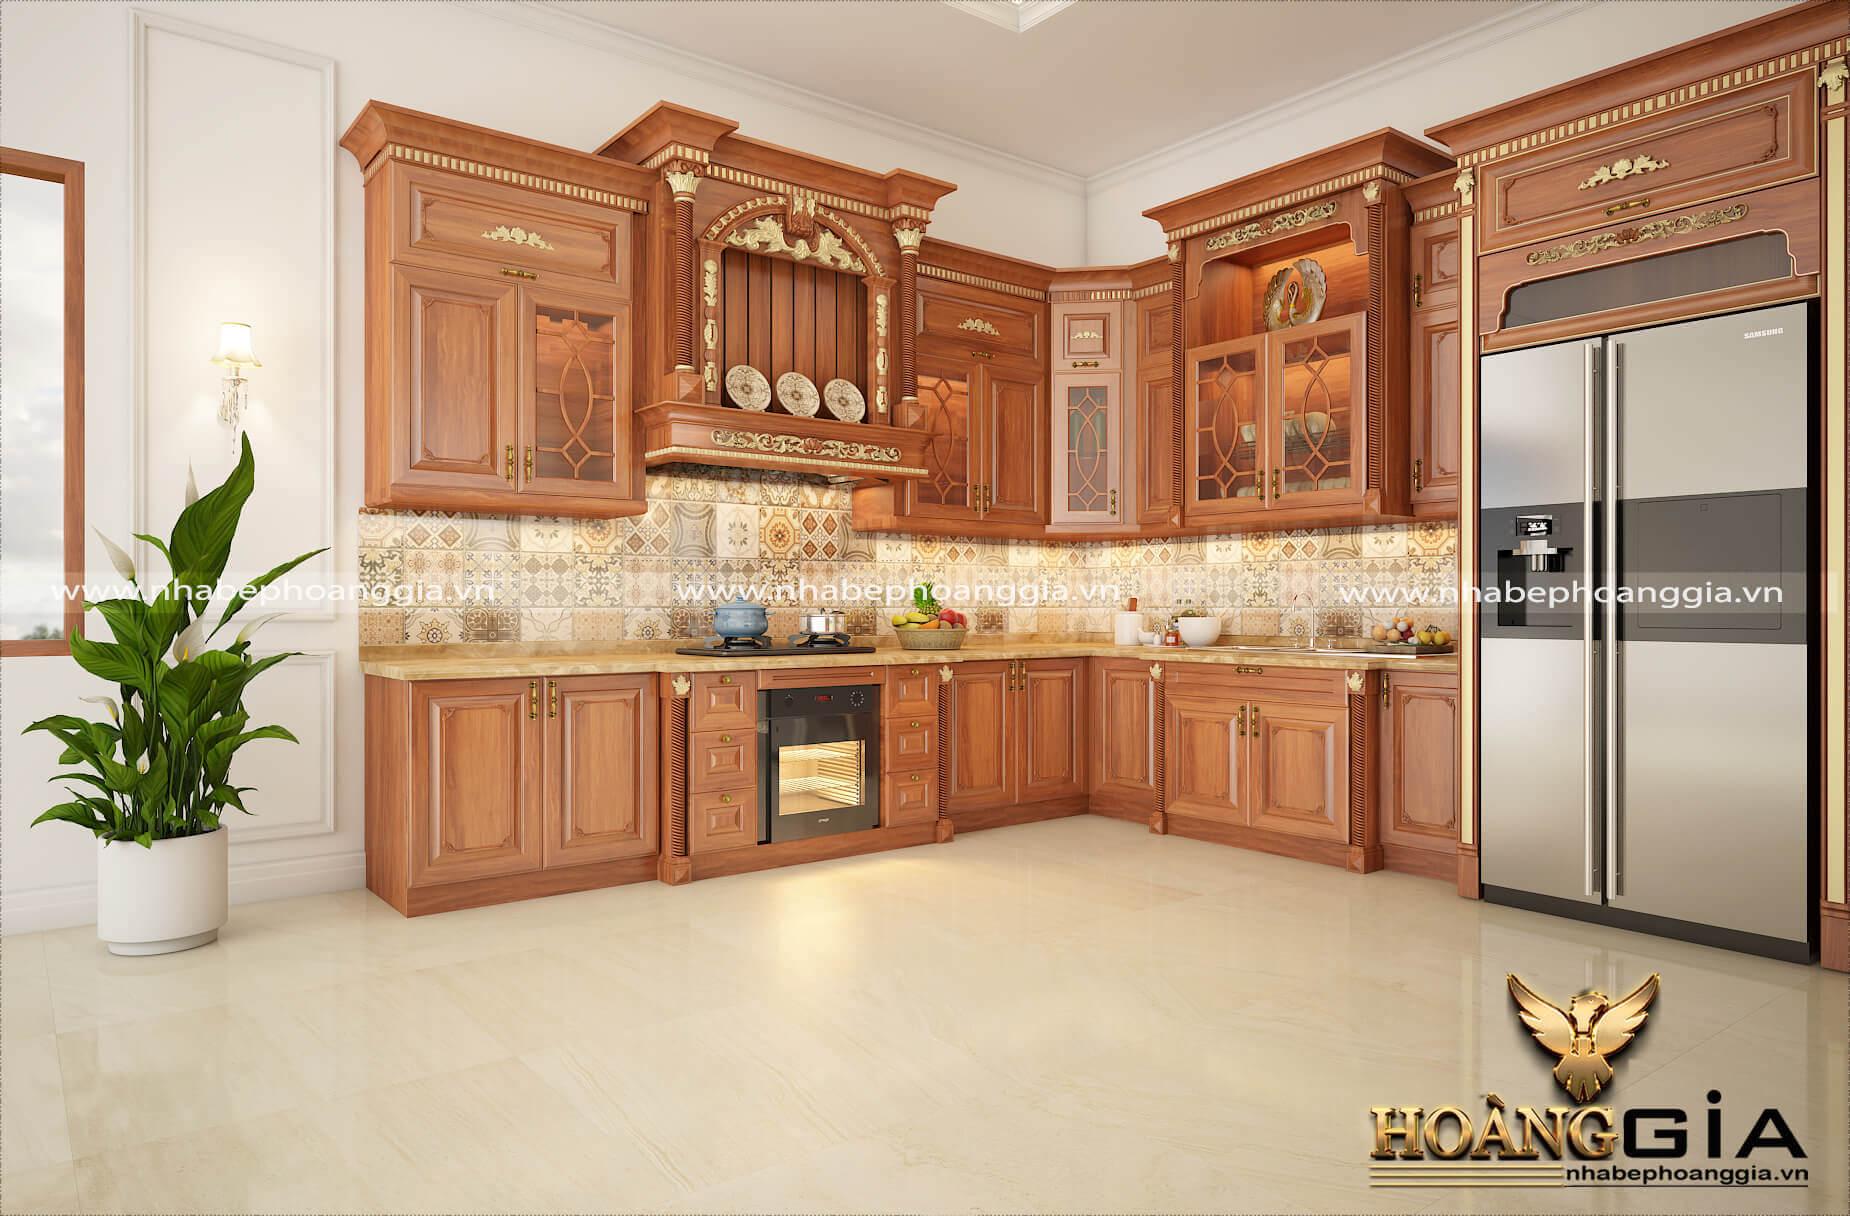 thiết kế nhà bếp đẹp